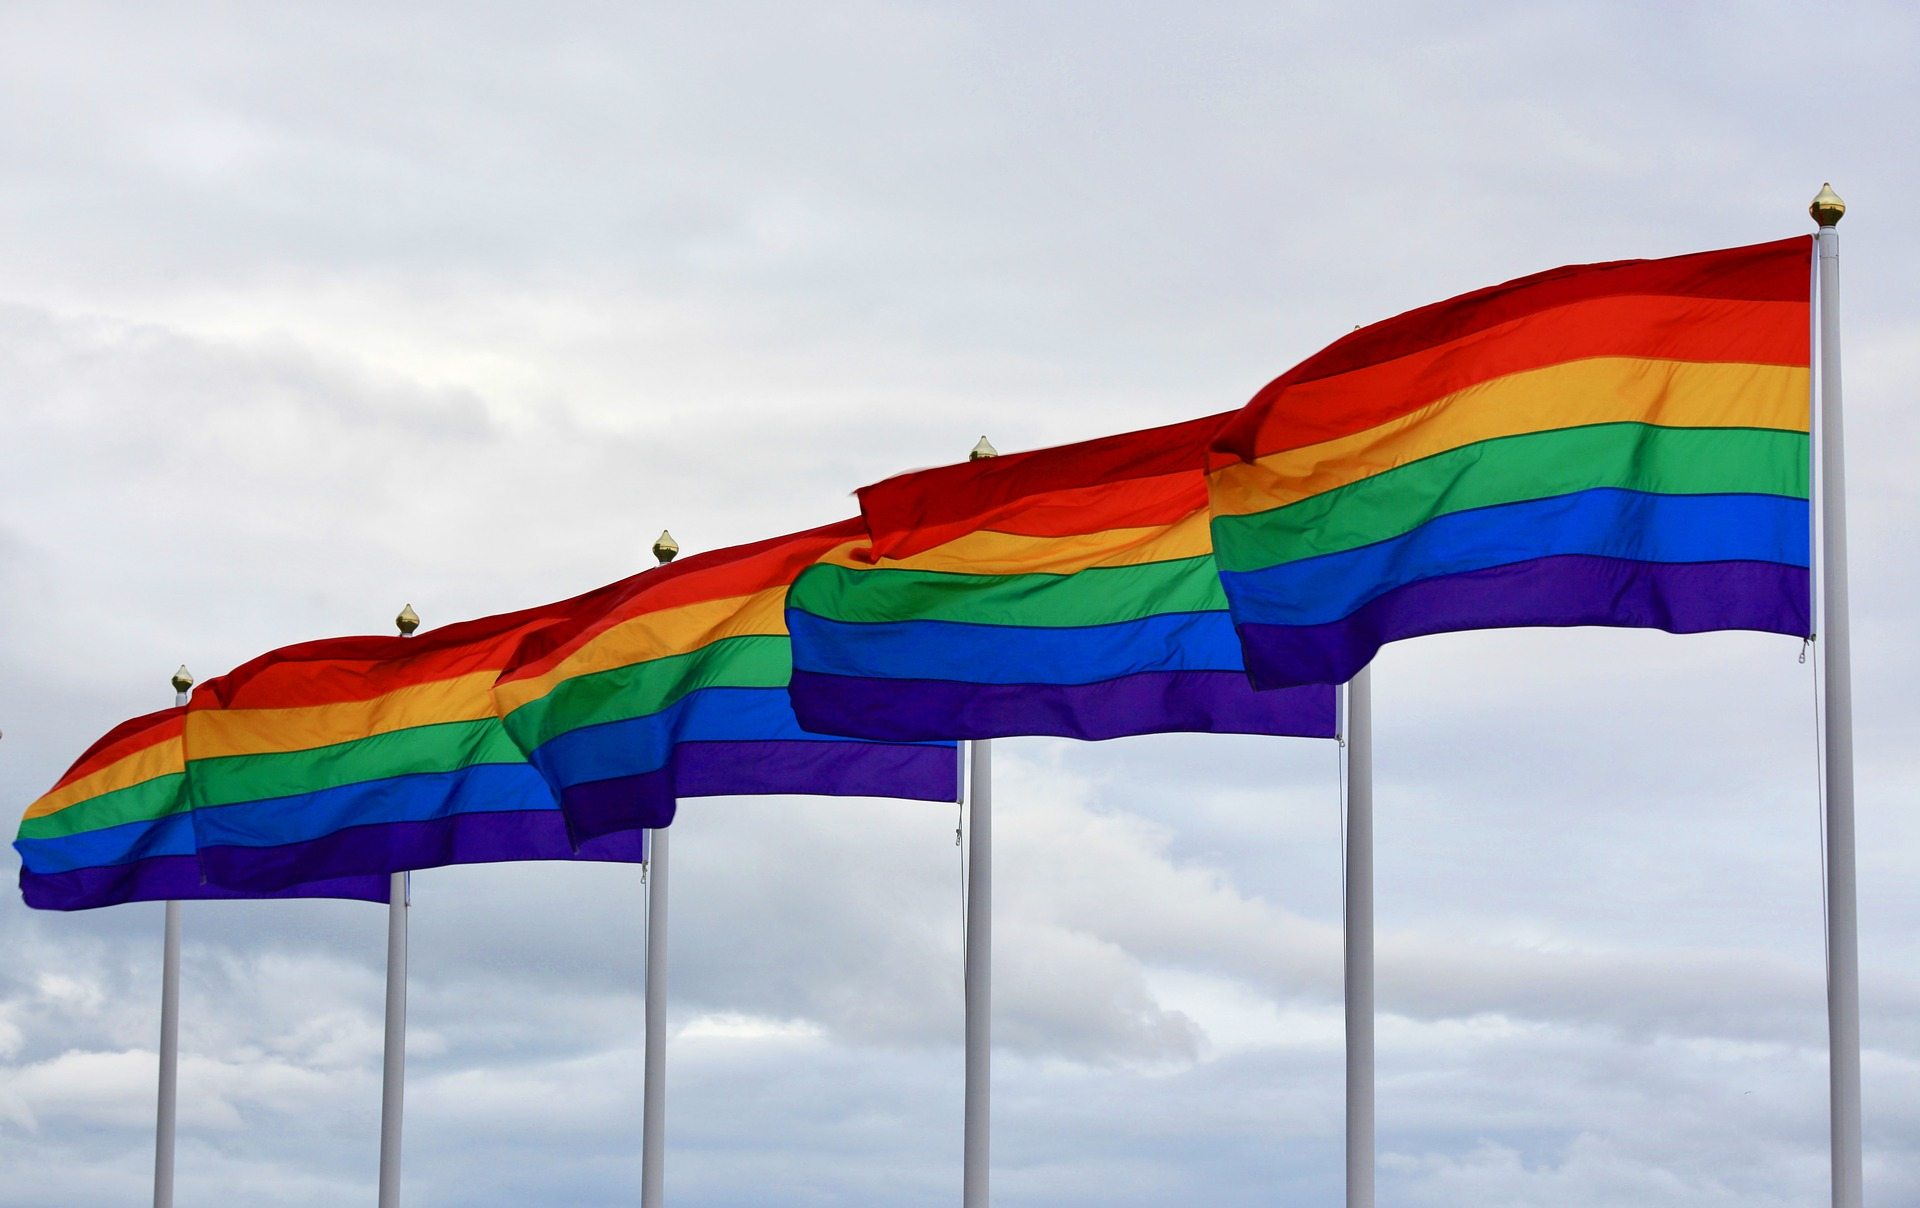 pride-3822489_1920_1559907877974.jpg